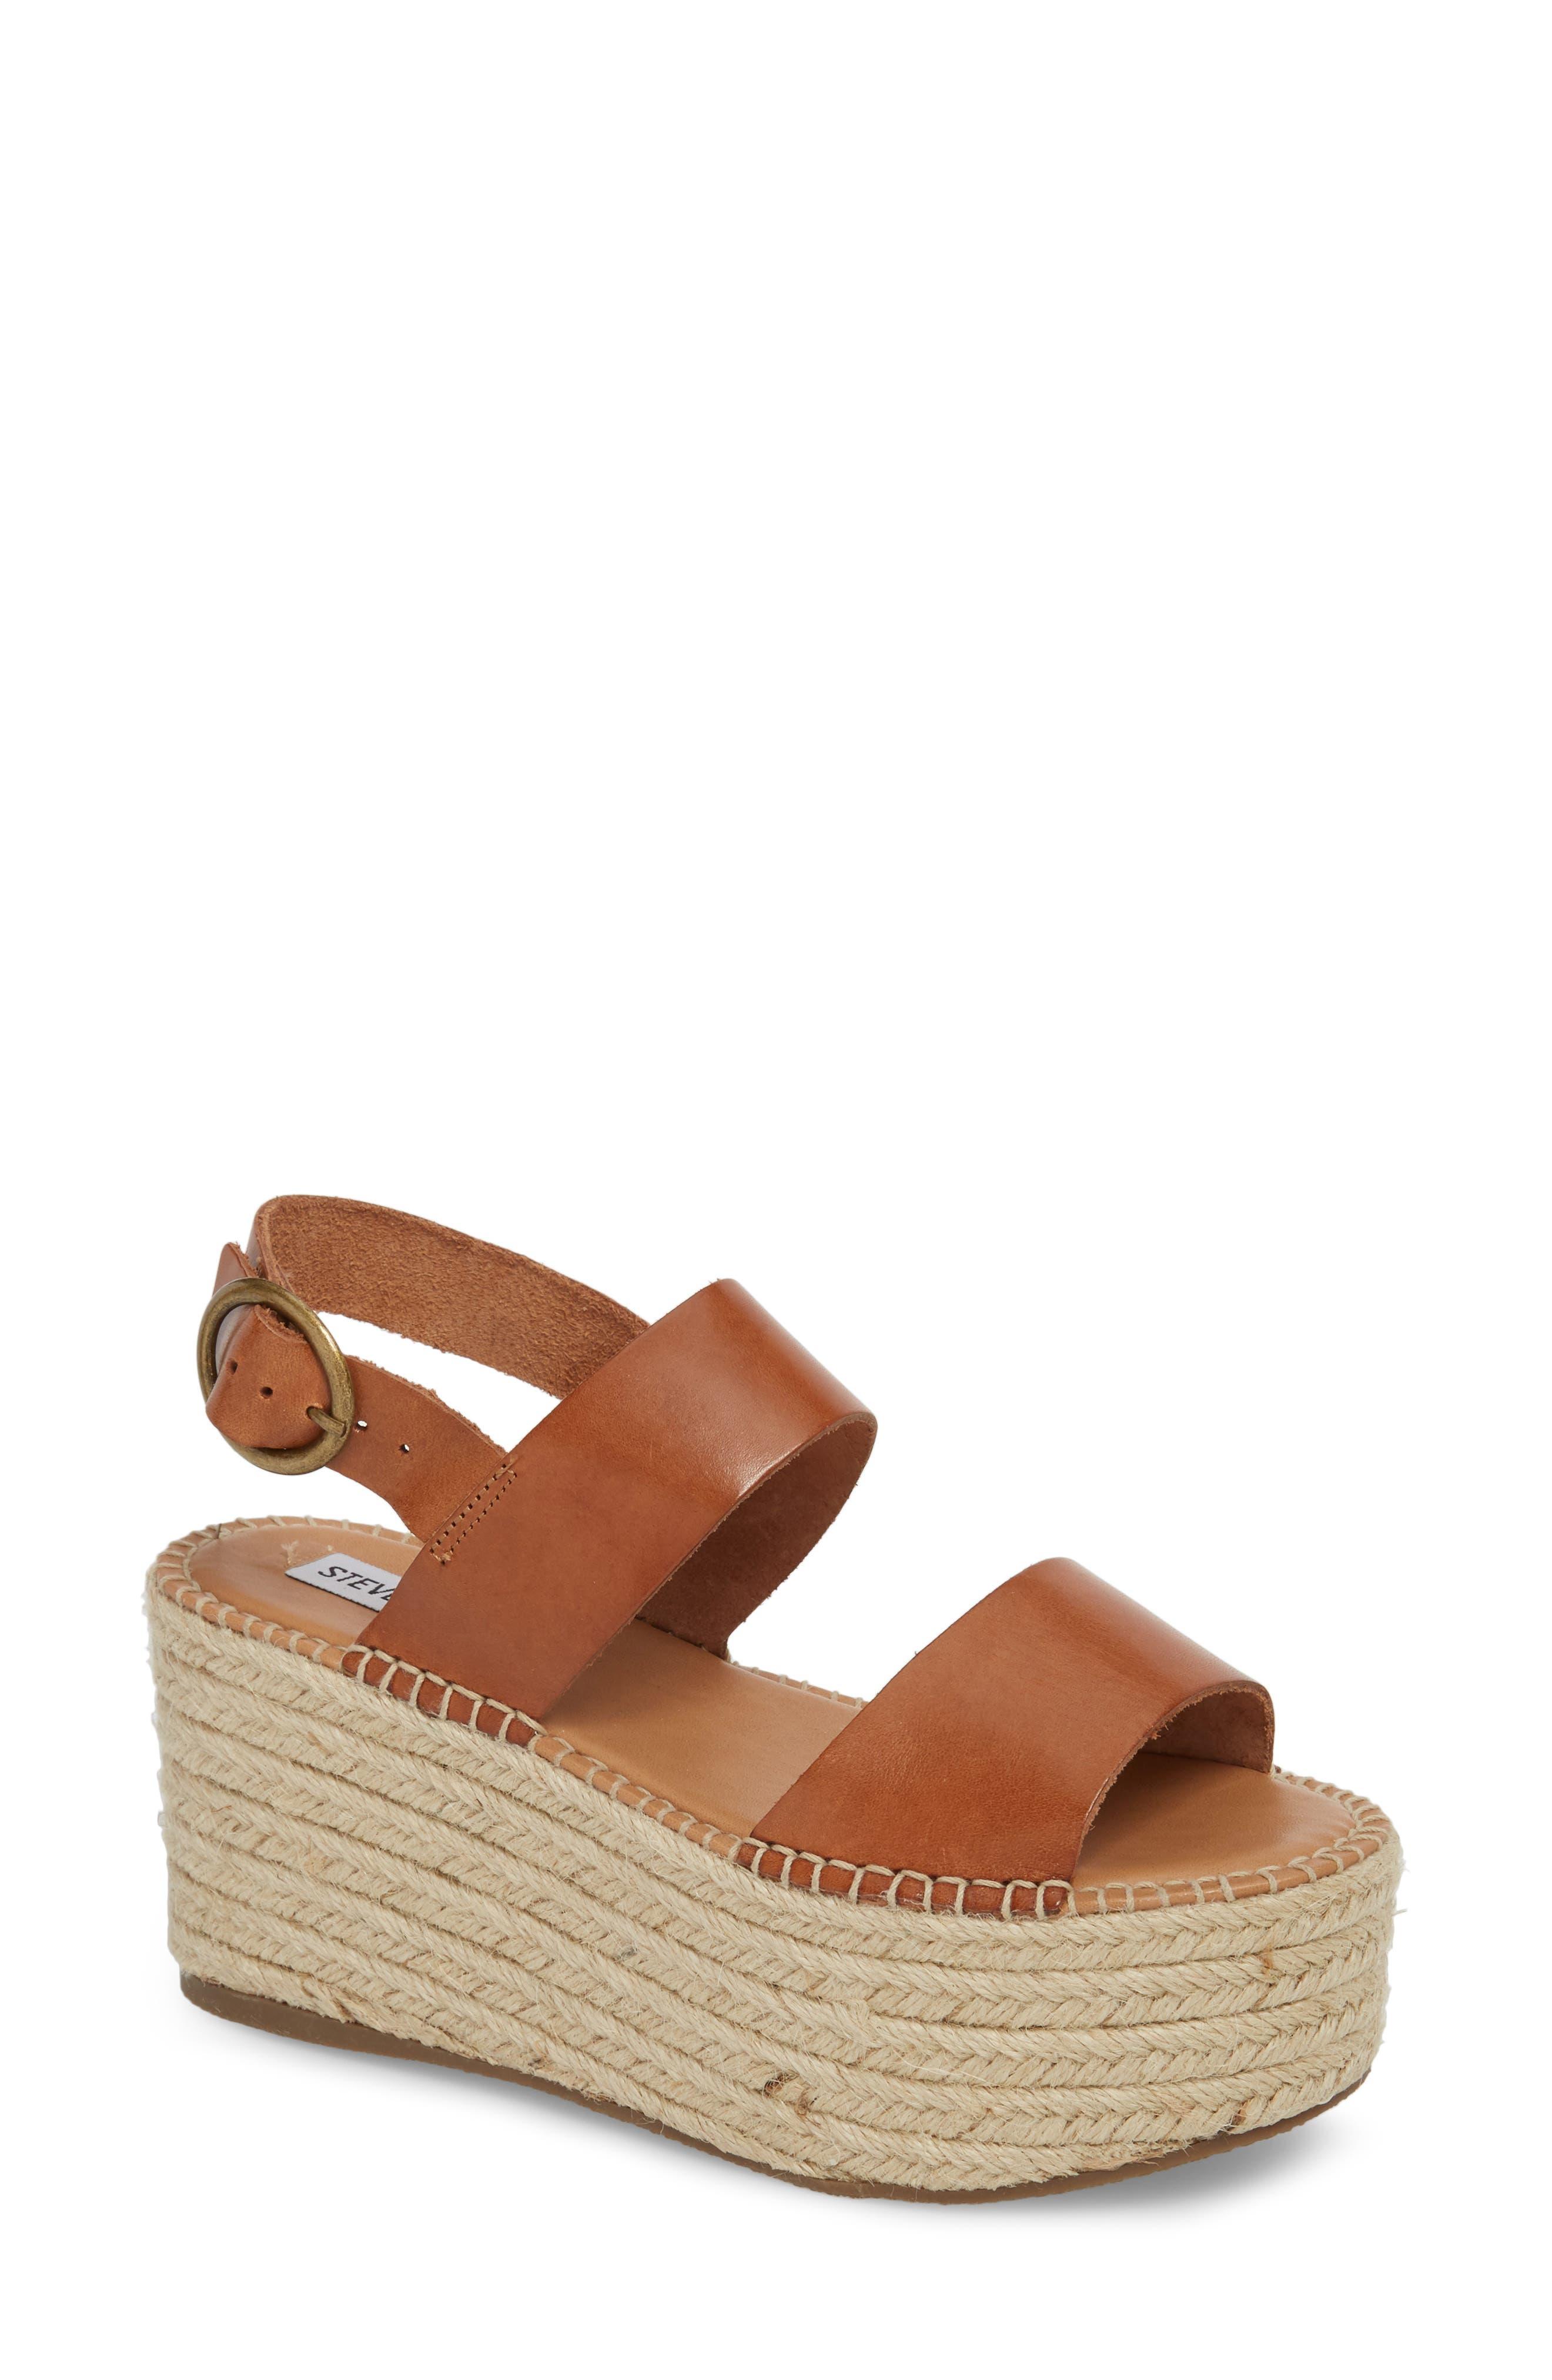 Cali Espadrille Platform Sandal,                             Main thumbnail 1, color,                             Cognac Leather